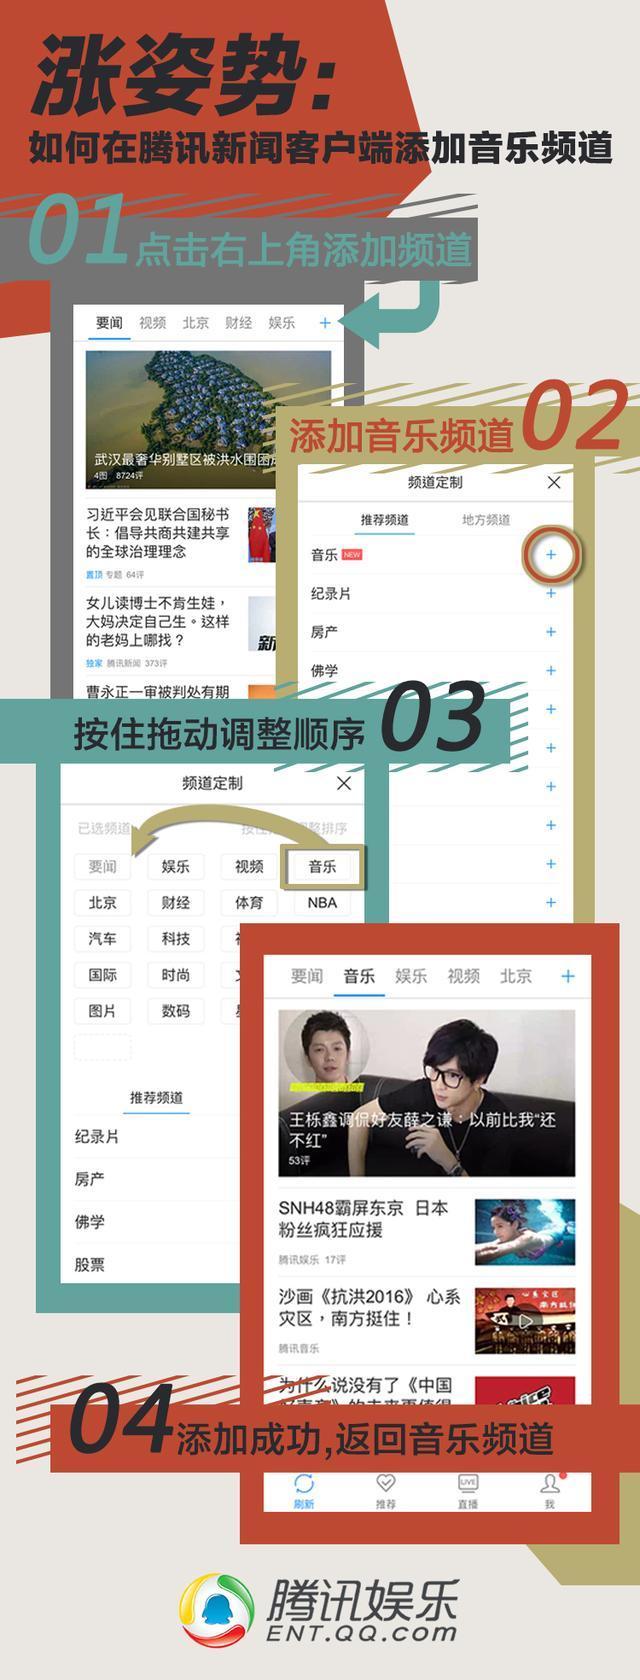 冯小刚、刘欢携手《魅力湘西》 打造文化名片